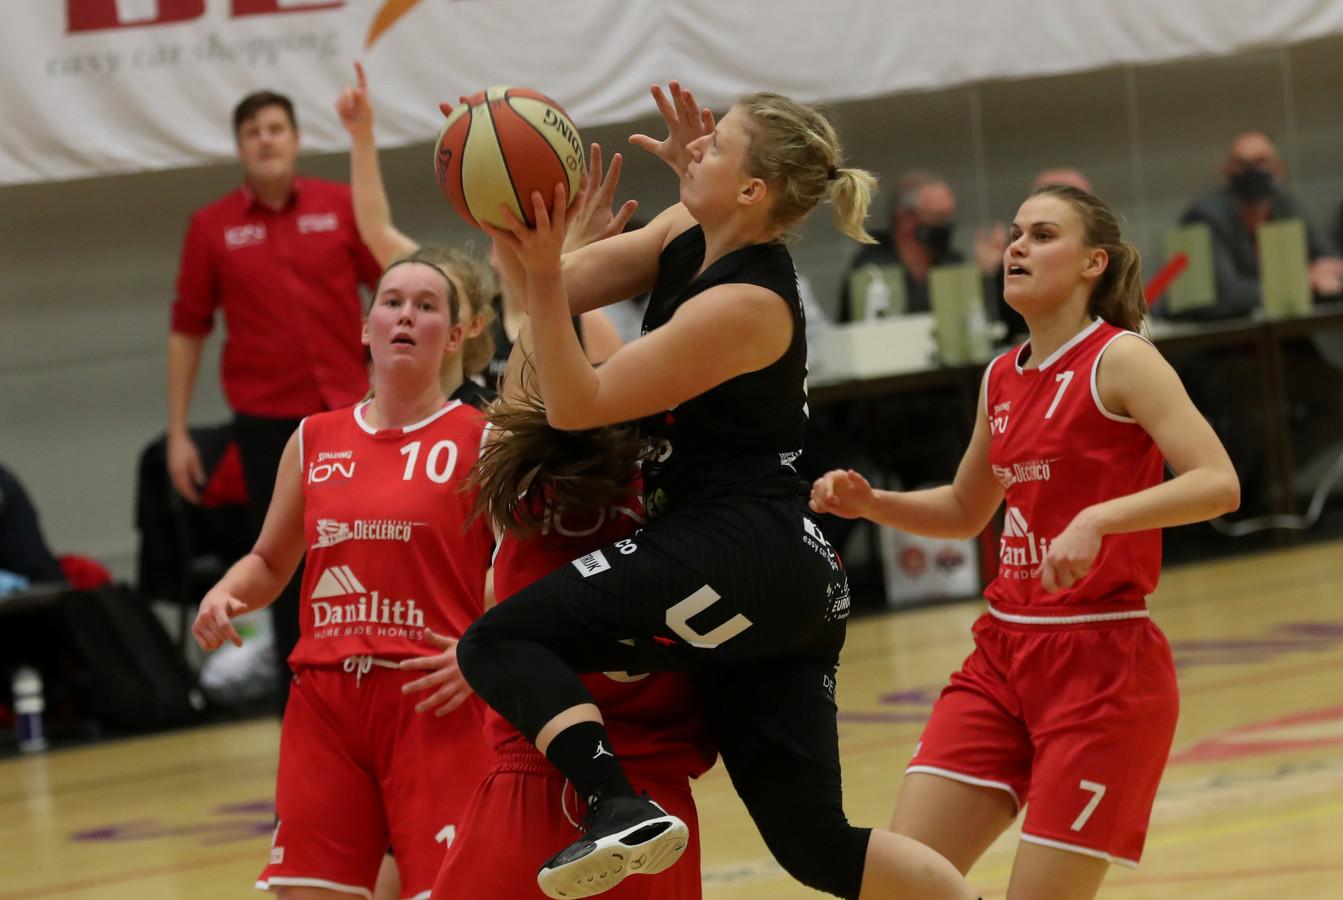 Basket Waregem maakte het Kortrijk Spurs ontzettend moeilijk in de derby. Silke Storme gaat hier voor de korf.